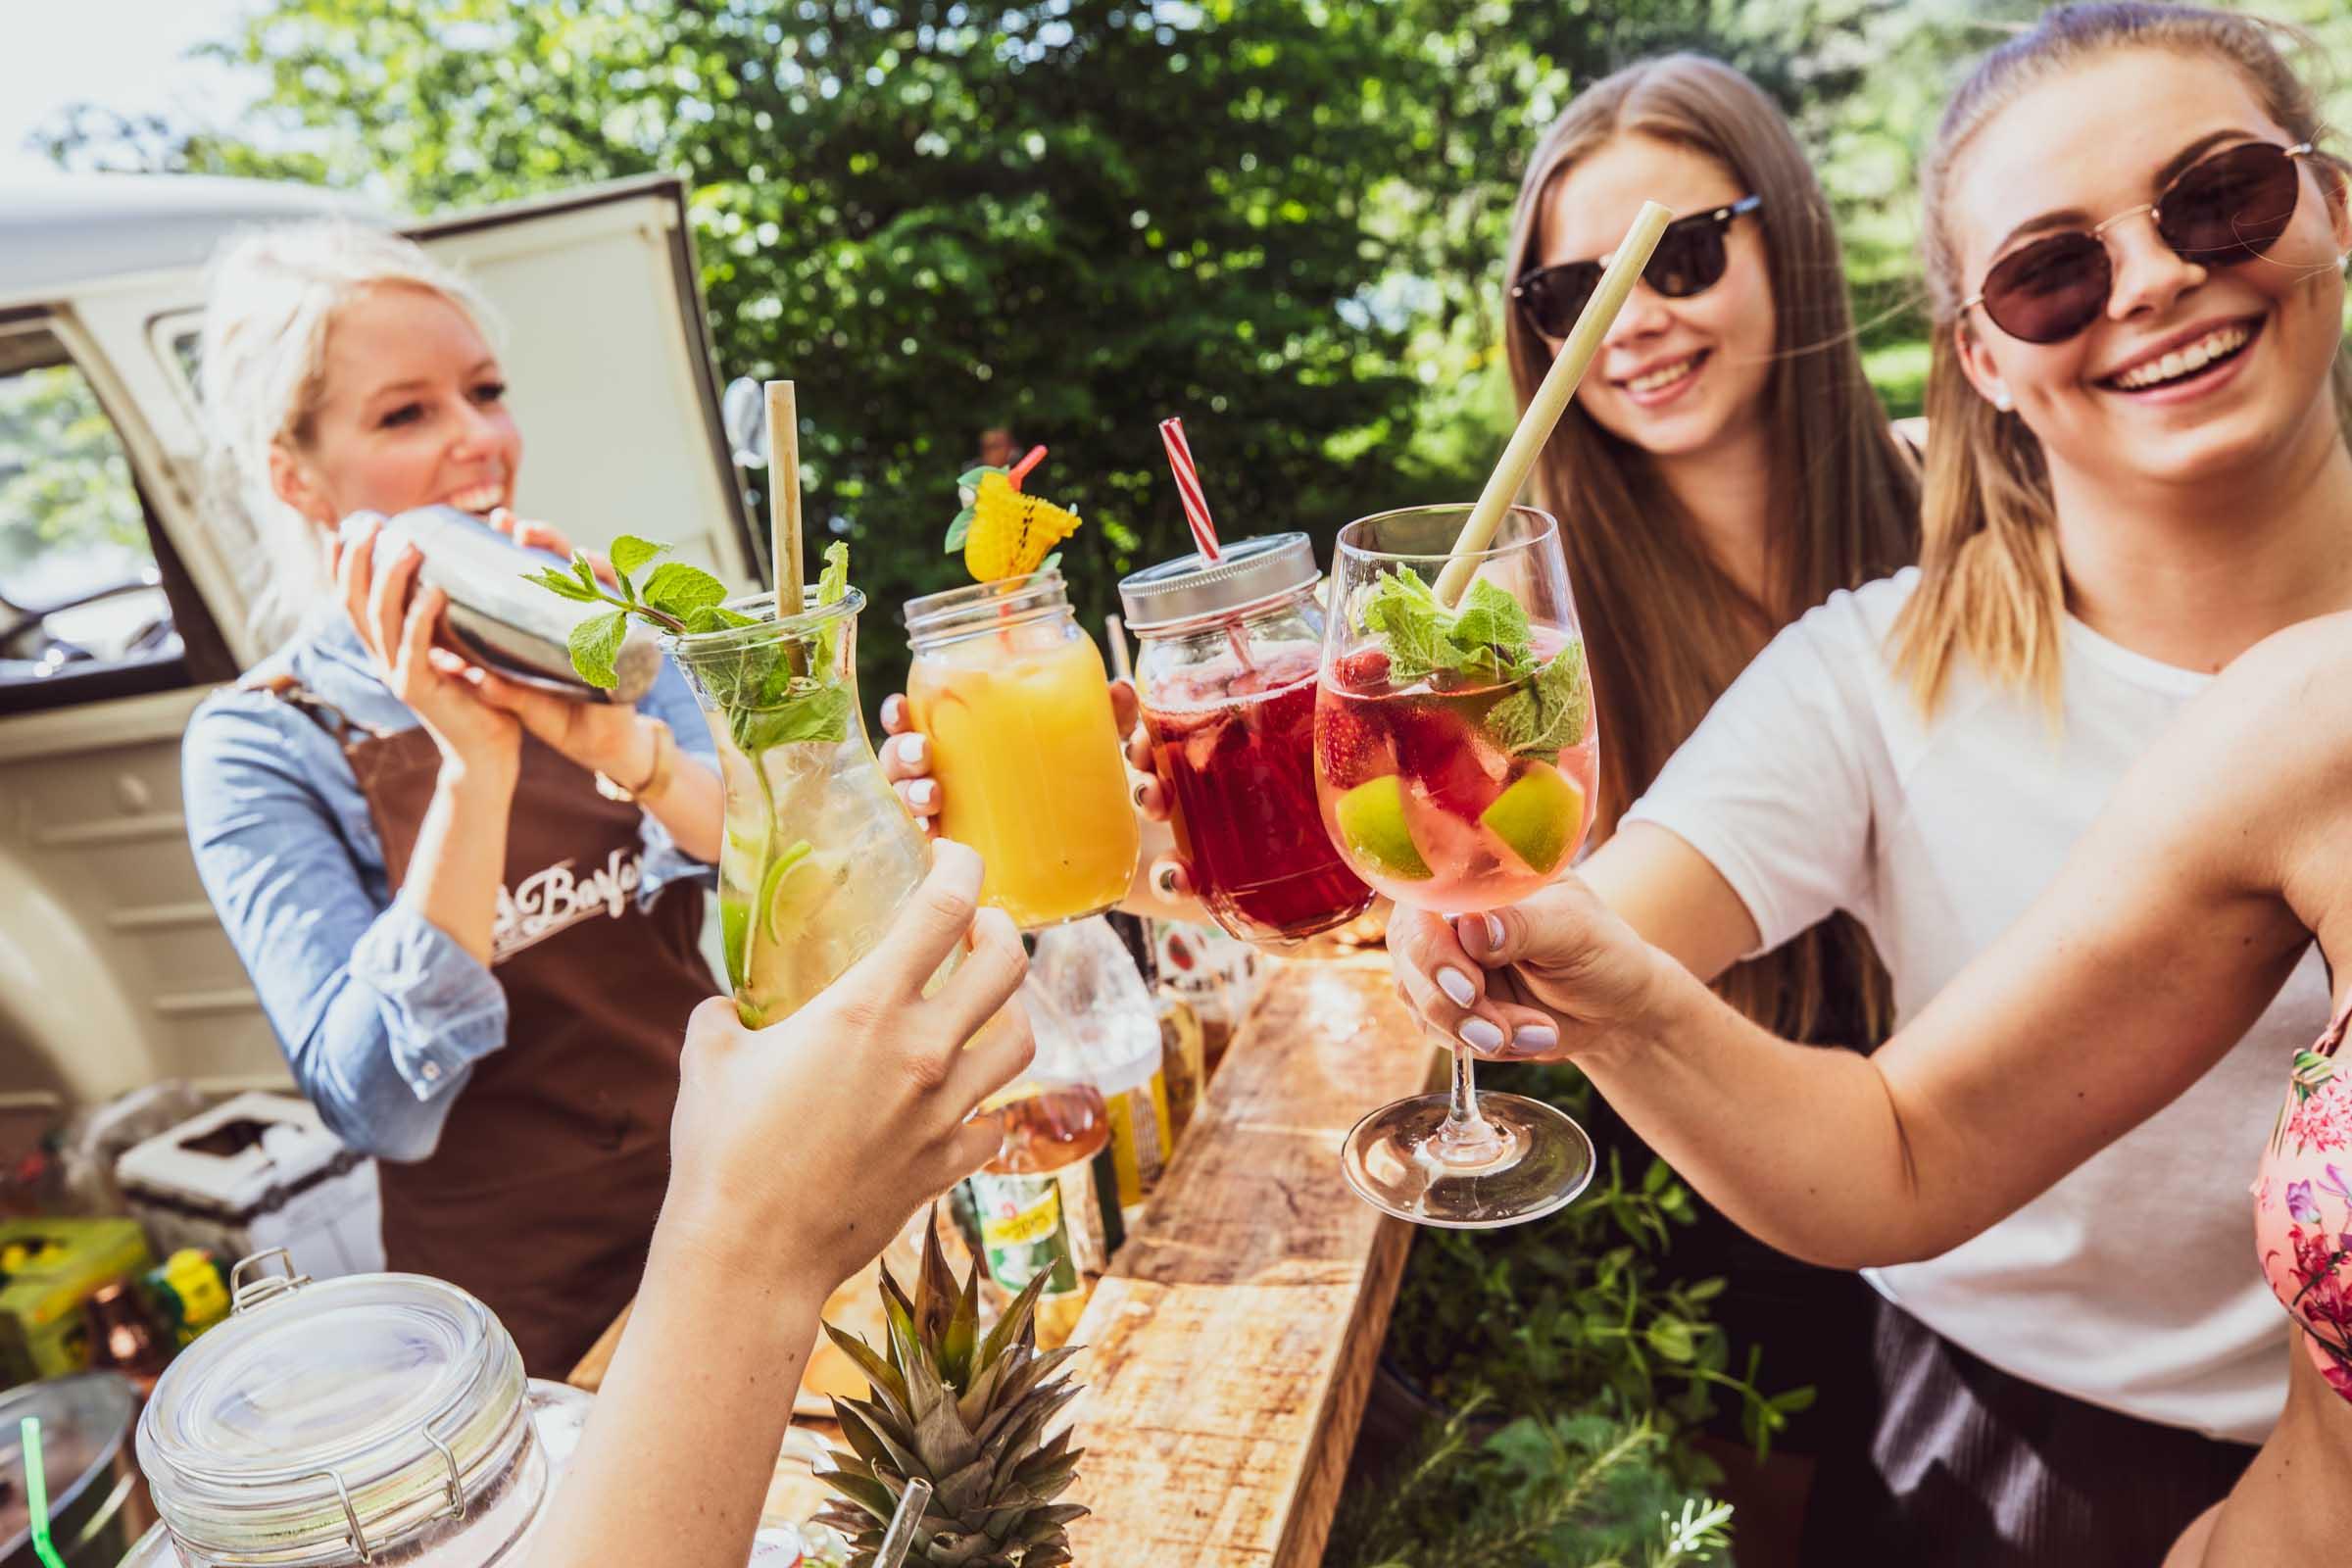 Mobile | Bar | Cocktailservice |Hannover | Getränke | Catering | Foodtruck | Ginbar | Weinbar | Kaffee | Softdrinks | Cocktails | Wein | Aperitif | Standesamt | Trauung |Hochzeit | Messe | Firmenfeier | Buchen | Mieten |Anfragen